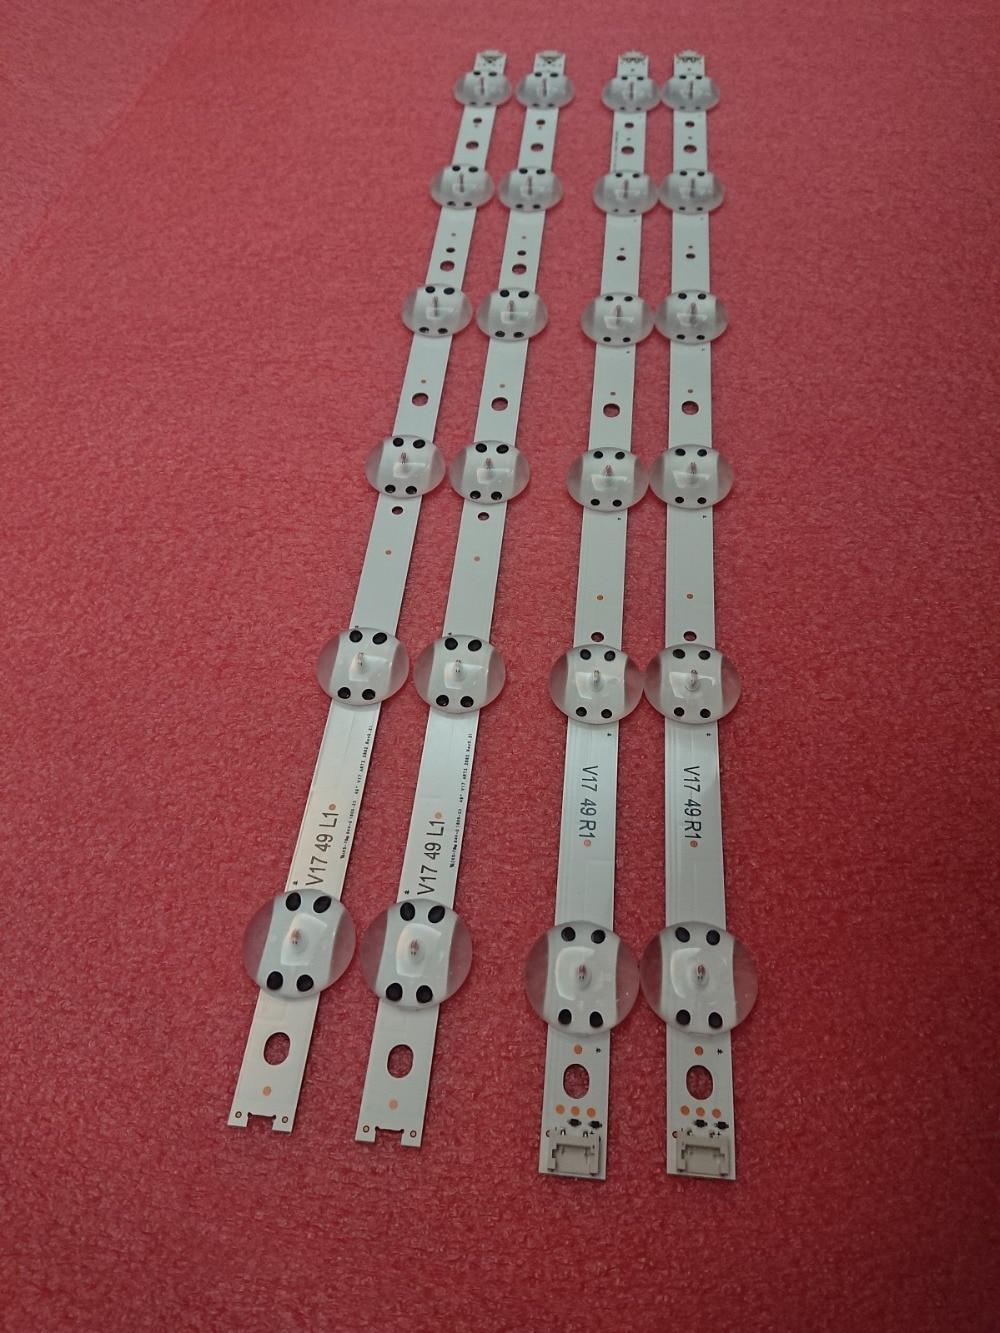 Nouveau 10 set = 40 pièces LED bande Pour LG 49UV340C 49UJ6565 49UJ670V V17 49 R1 L1 ART3 2862 2863 6916L 2862A 6916L 2863A-in Pièces de rechange et accessoires from Electronique    2